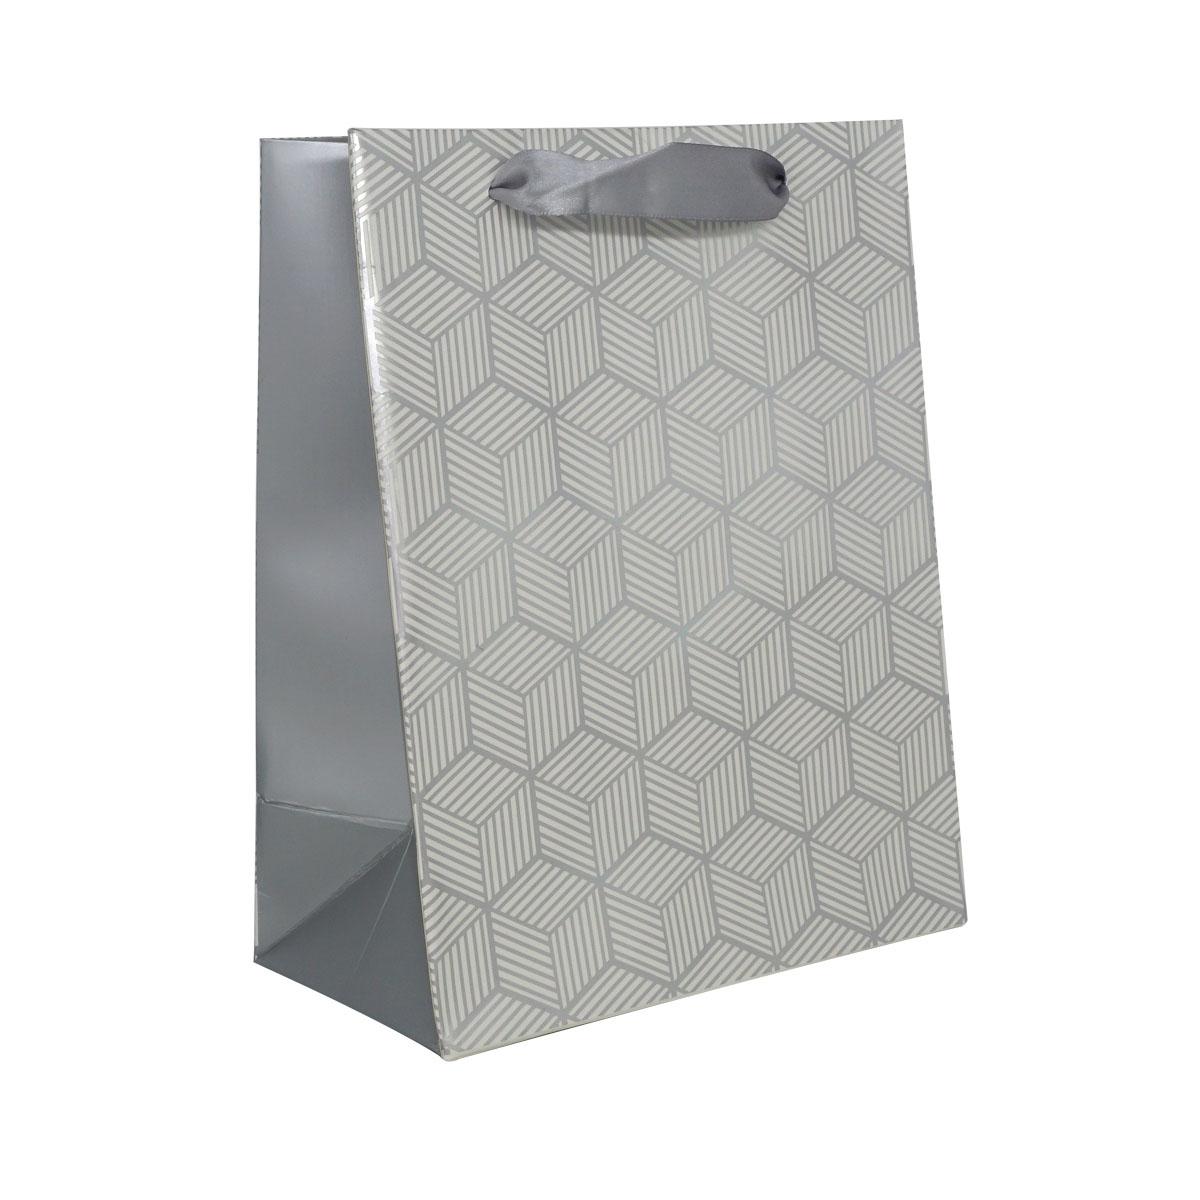 BK990 Пакет подарочный ламинированный, 23*18*10см